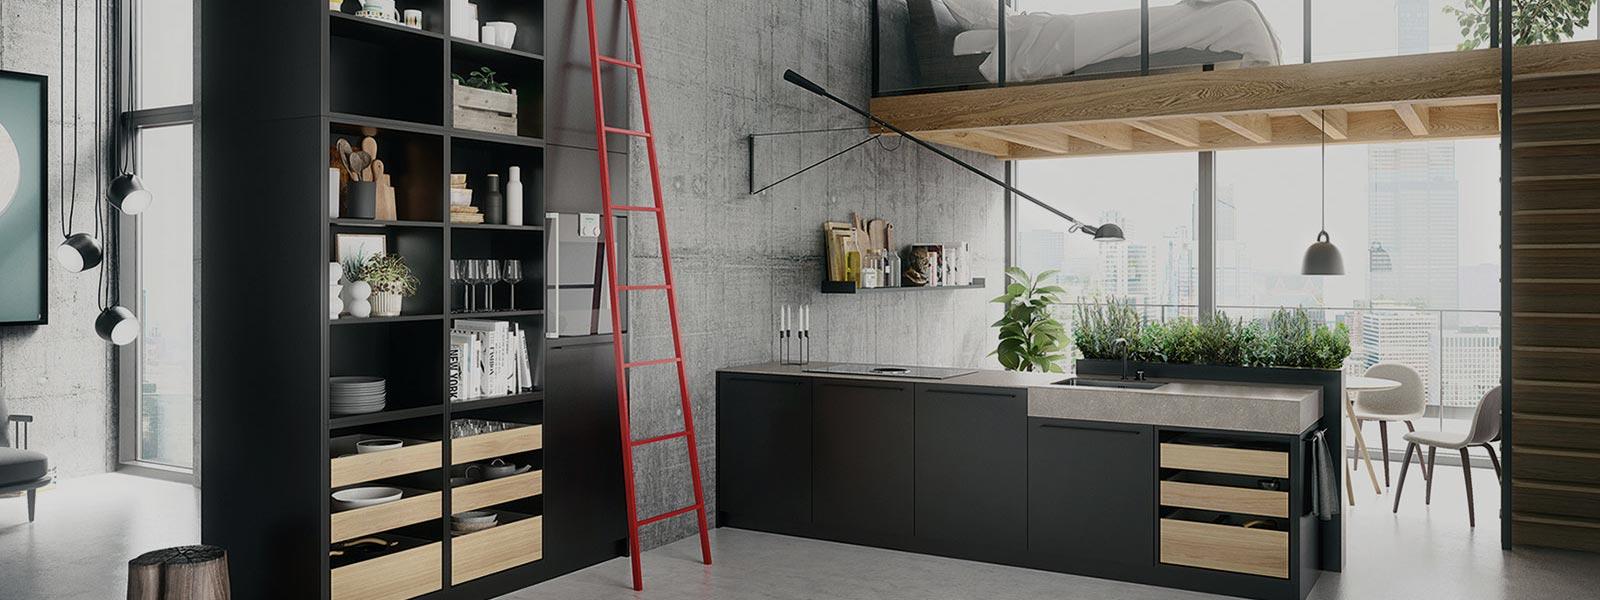 SieMatic Urban keuken met hoge zwarte kasten en een zwart keukenblok van vijf keukenkasten.